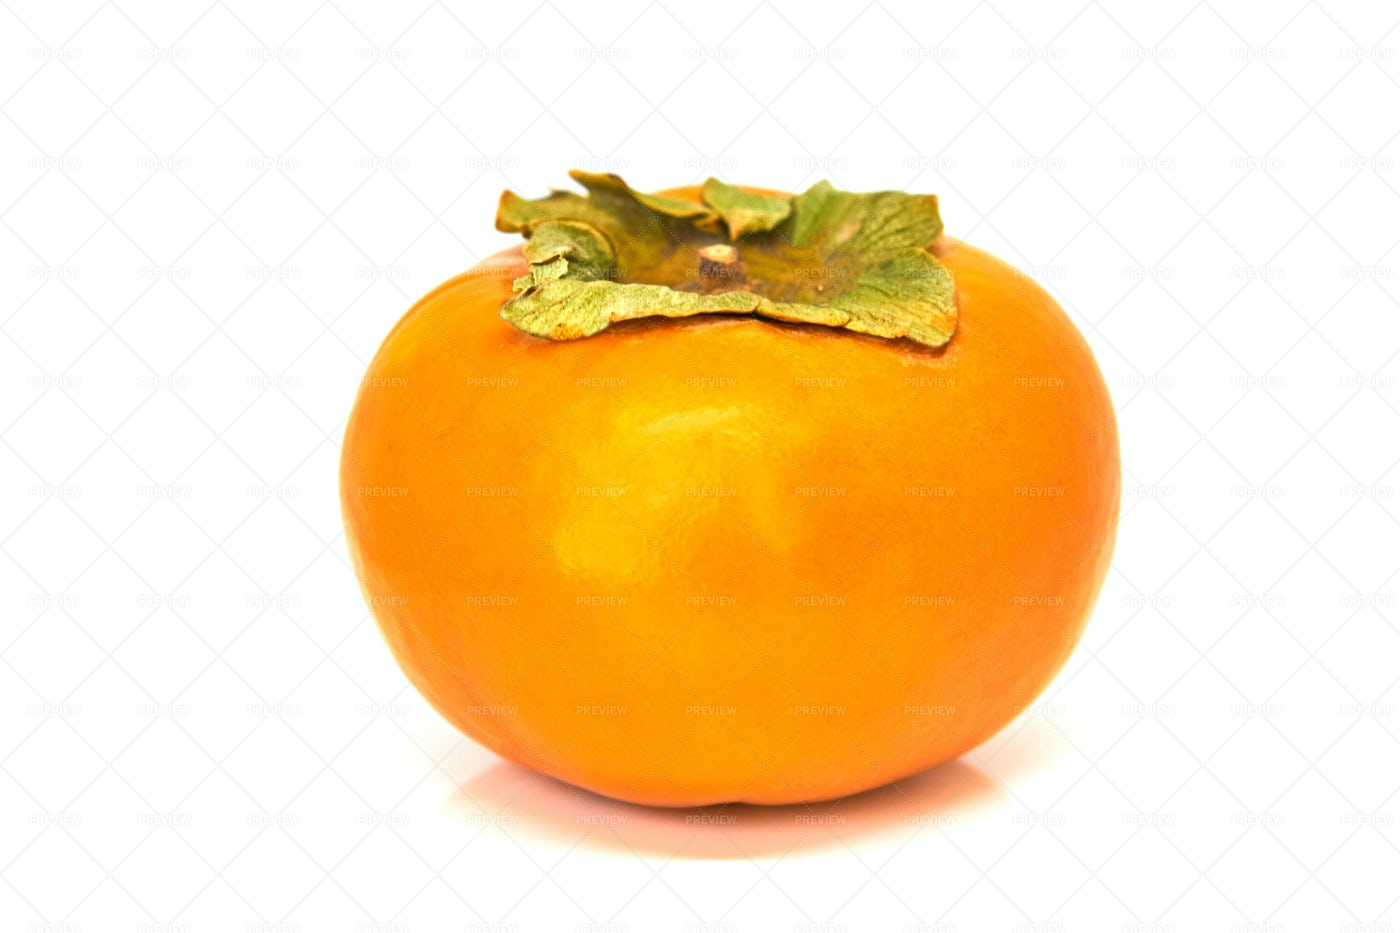 A Single Persimmon Fruit: Stock Photos